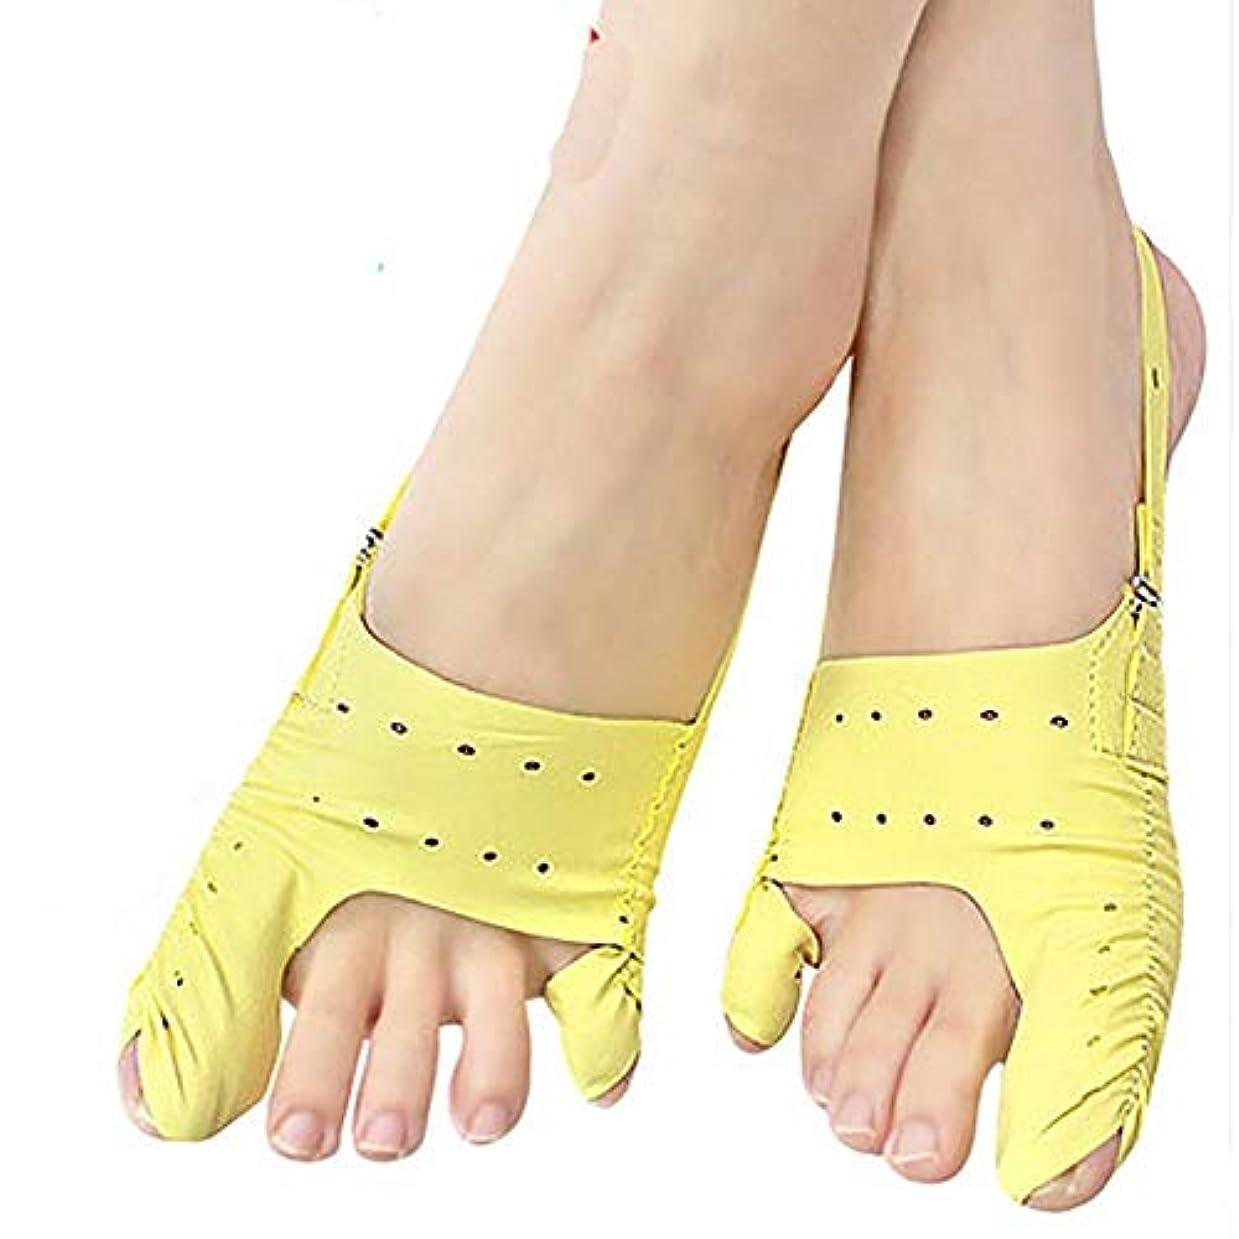 賞賛する要求願望親指の外反足の骨の足のアライナーと大きな足と光と通気性の昼と夜 窓の外の小雨 (Size : L)